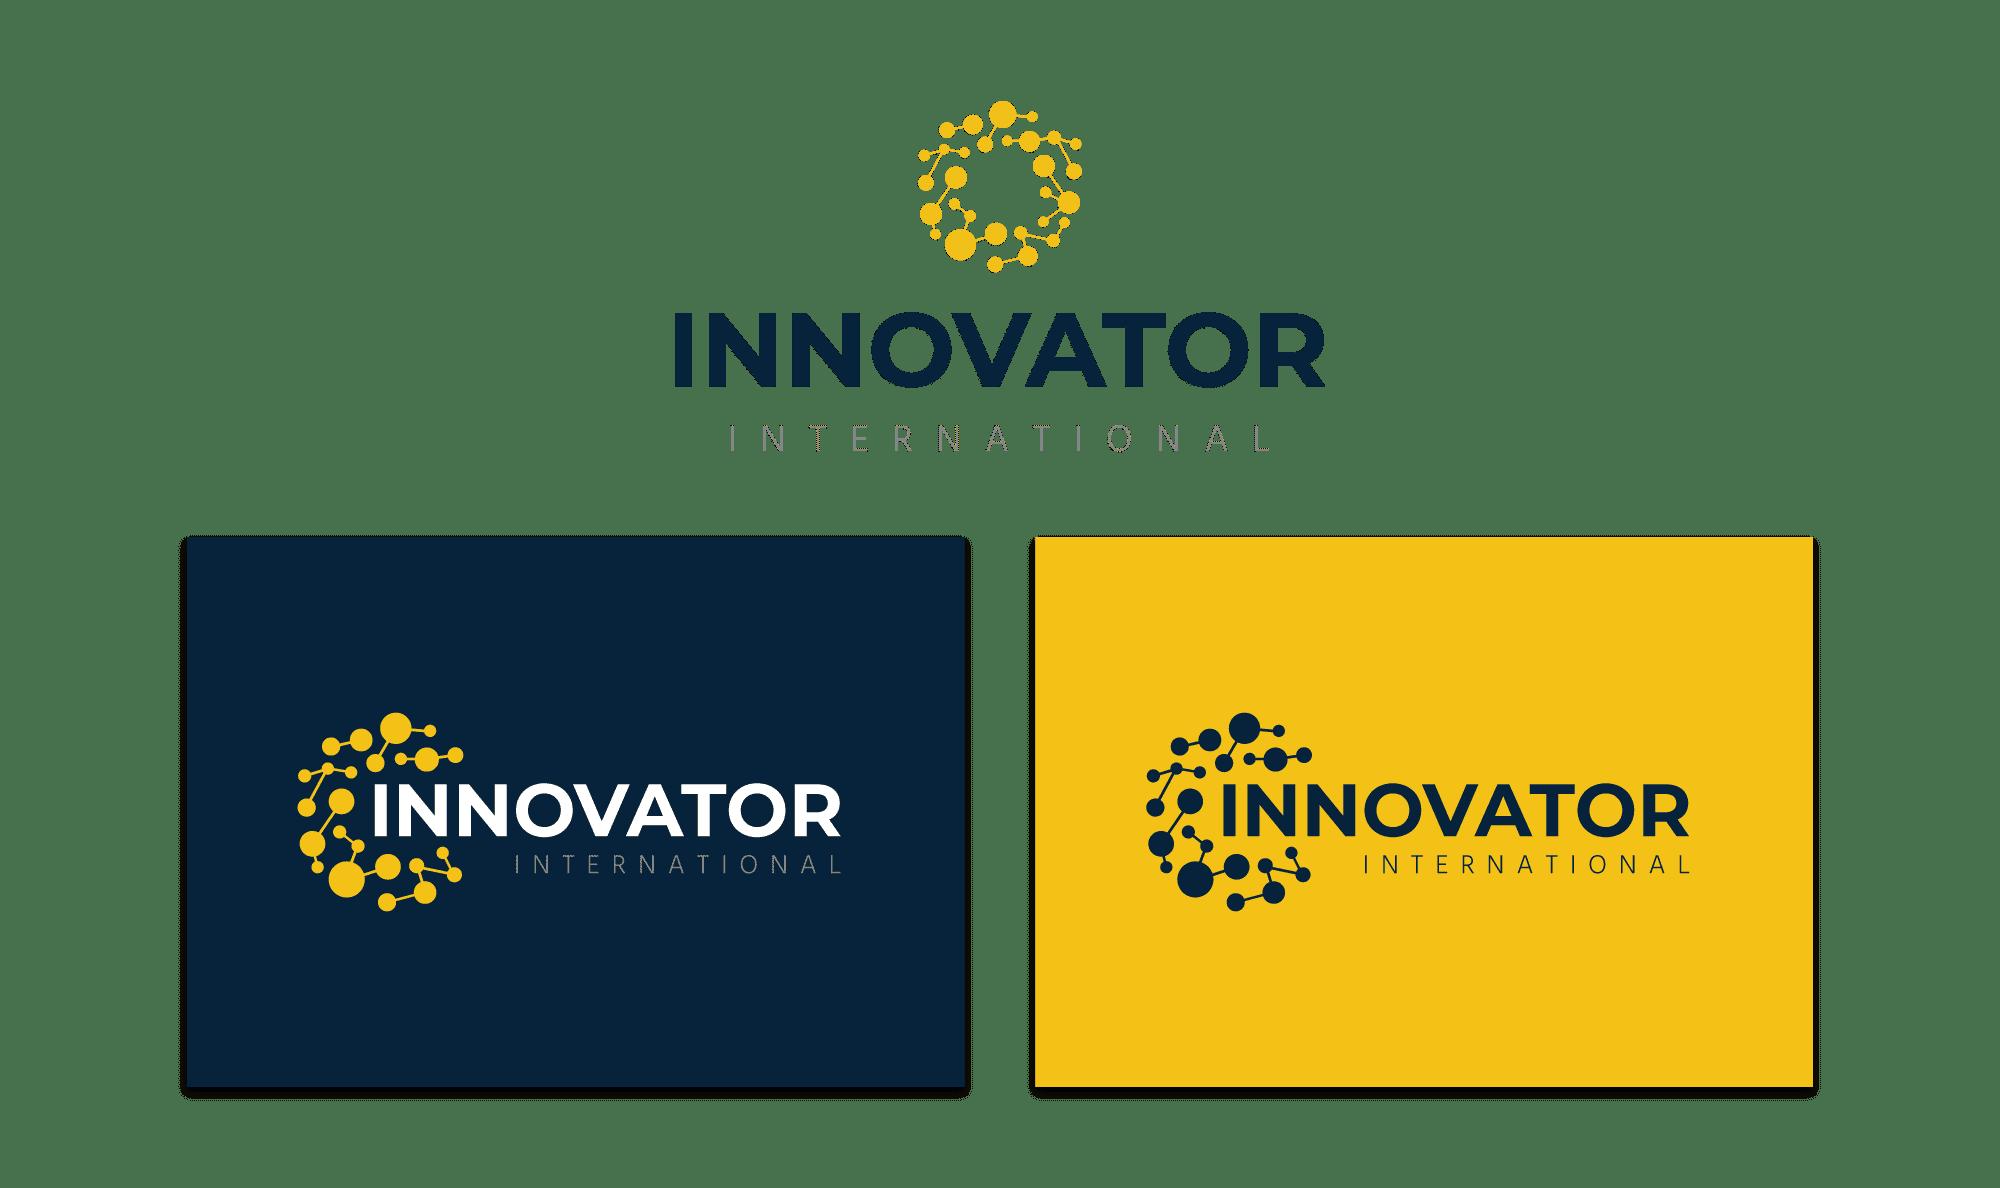 Innovator International - Brand Identity